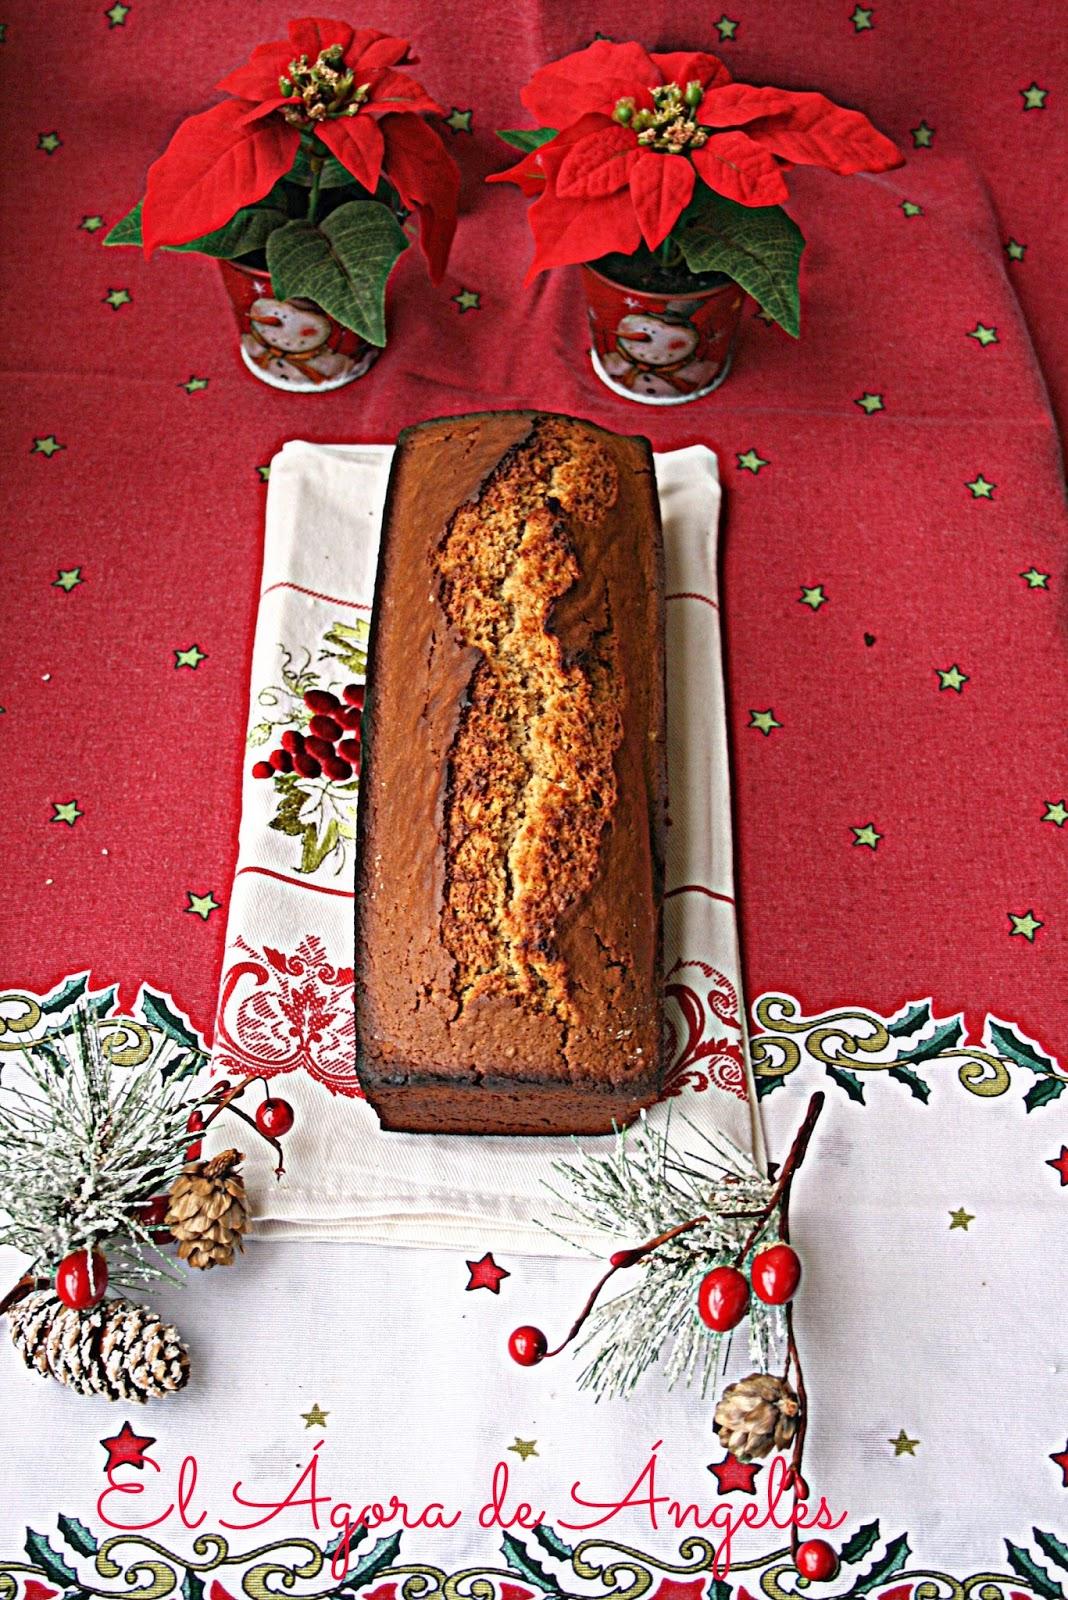 Pan de especias, Francia, Navidad